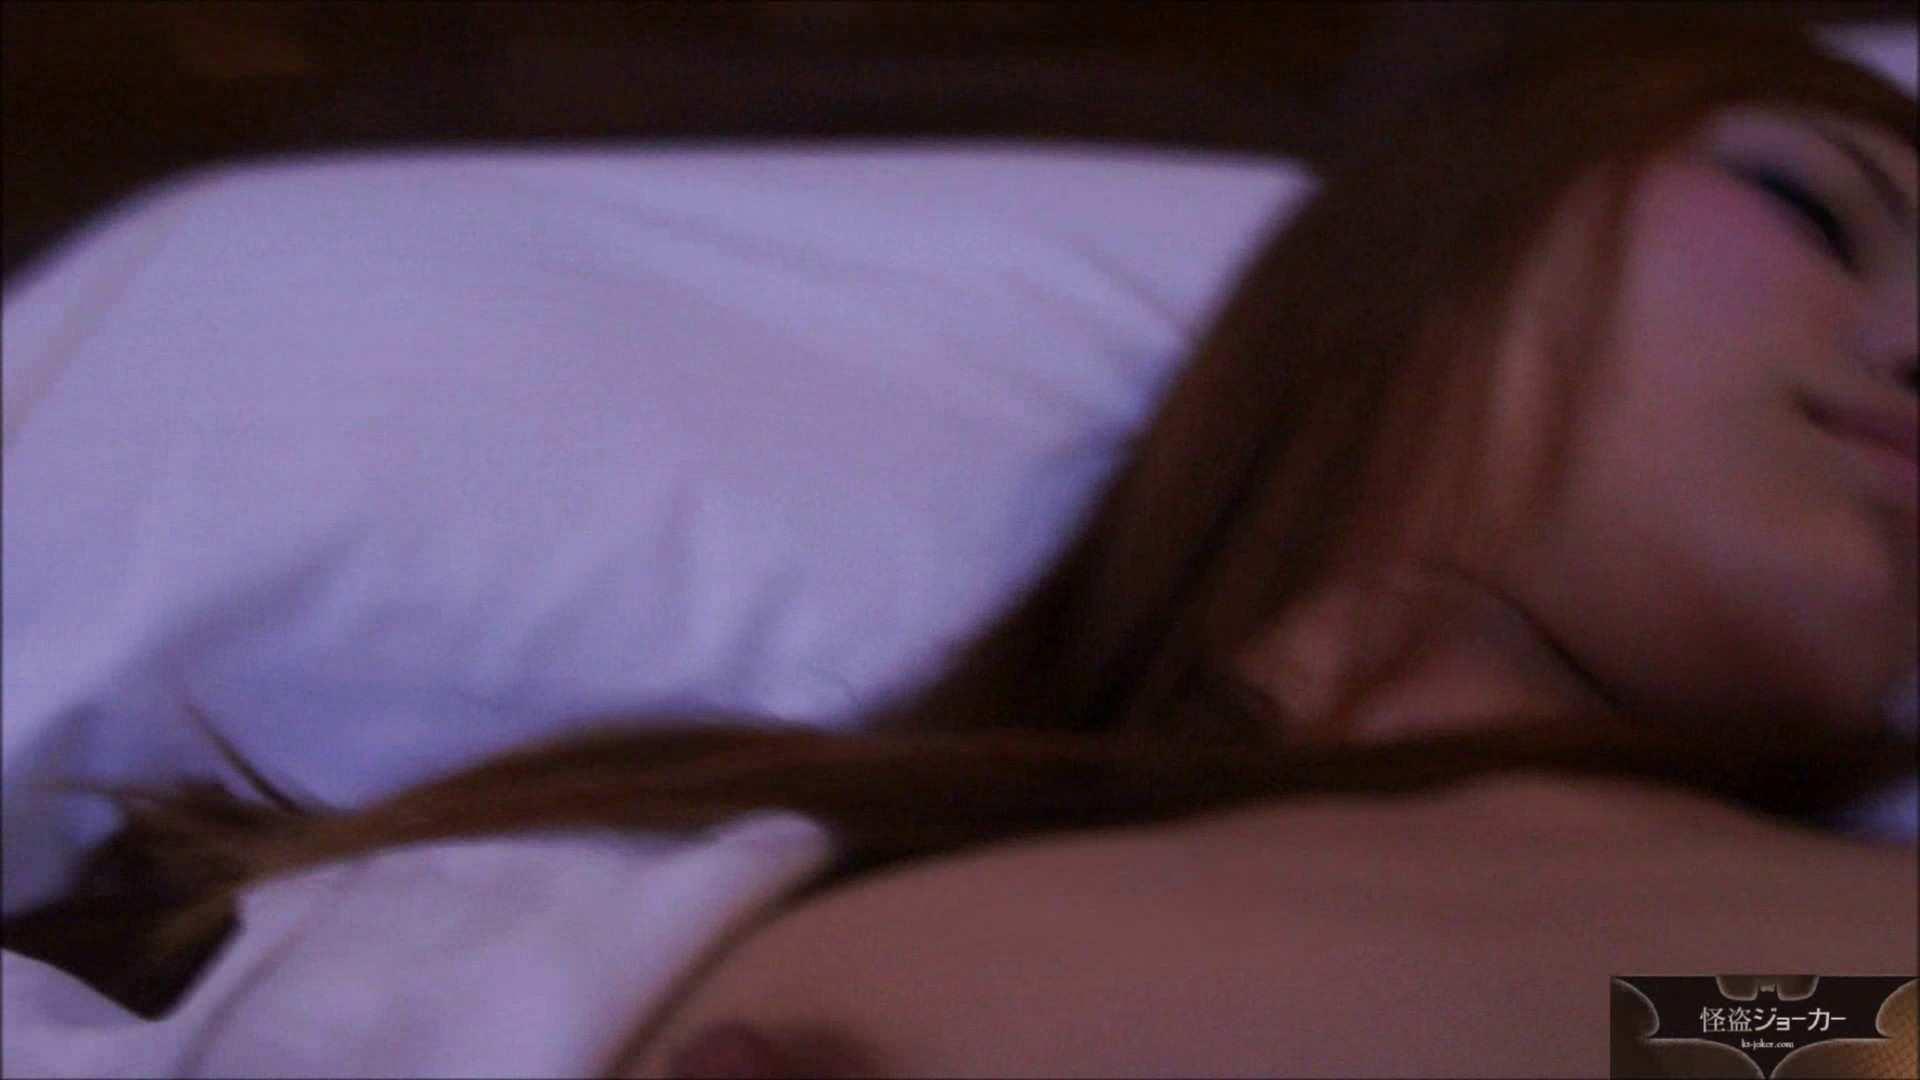 【未公開】vol.13 セレブ美魔女・ユキさんと初めて会った日。 OL | 0  96連発 54